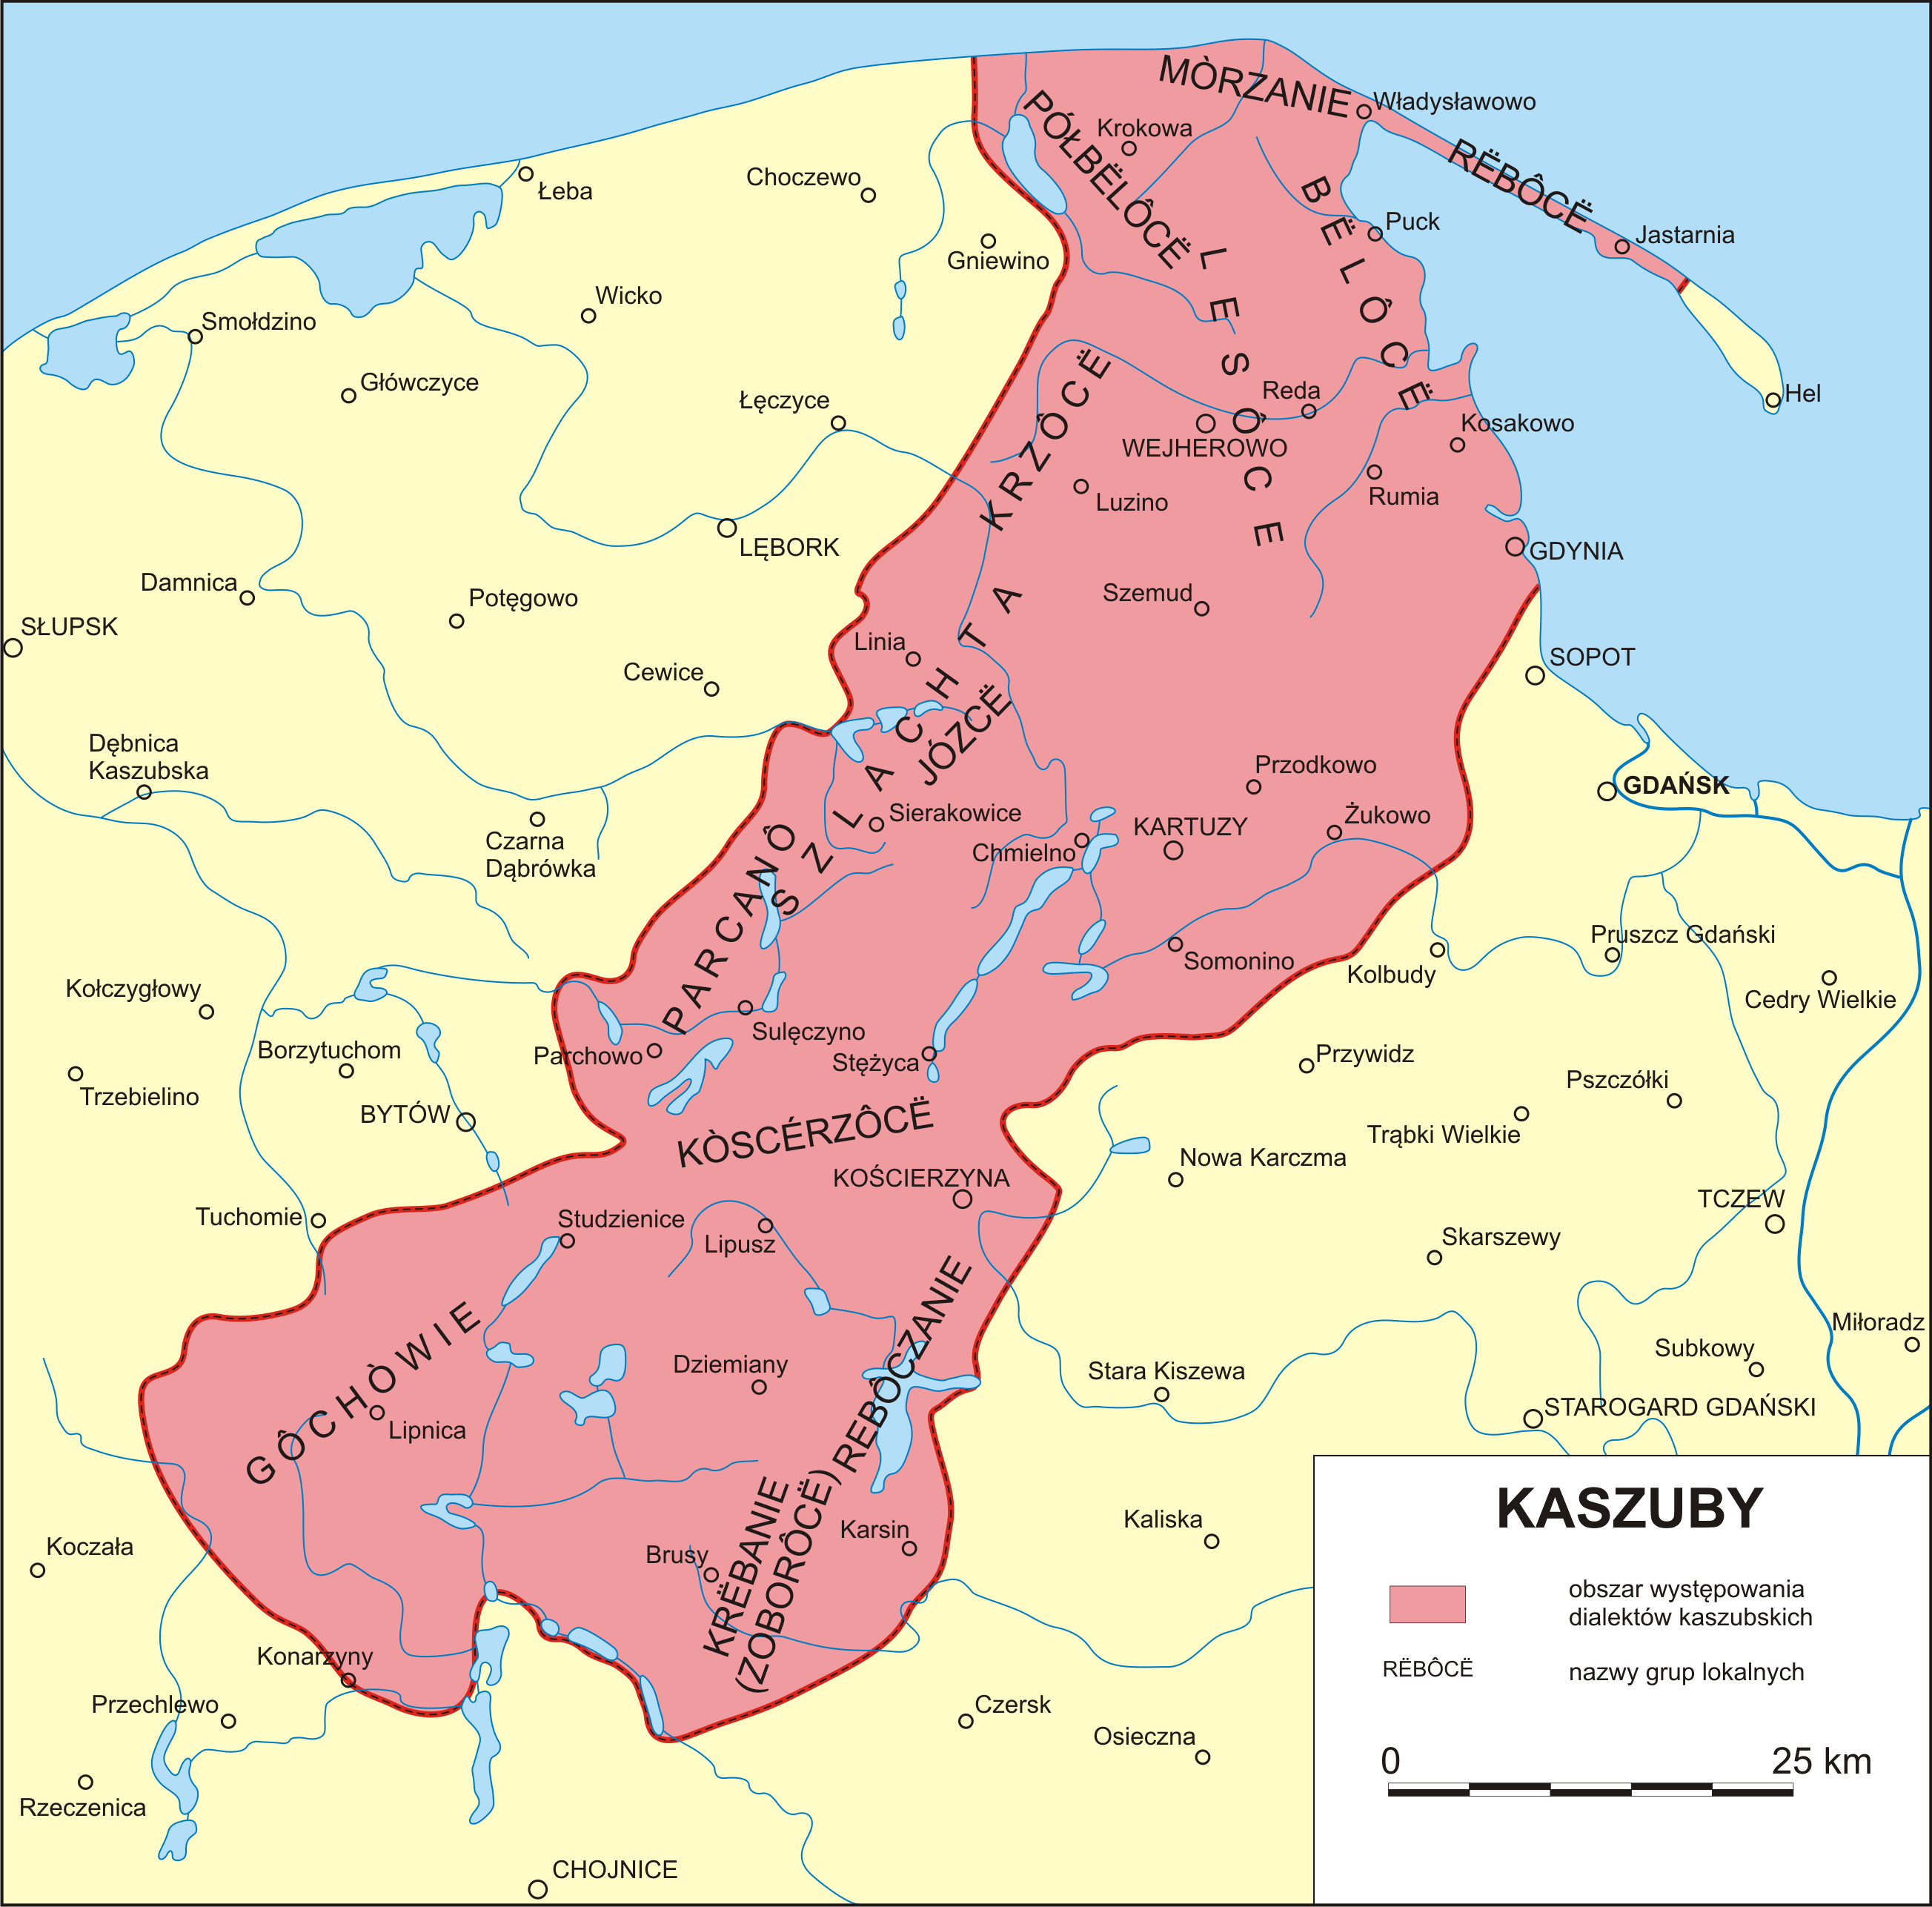 Występowanie grup lokalnych na obszarze dialektów kaszubskich według Bernarda Sychty